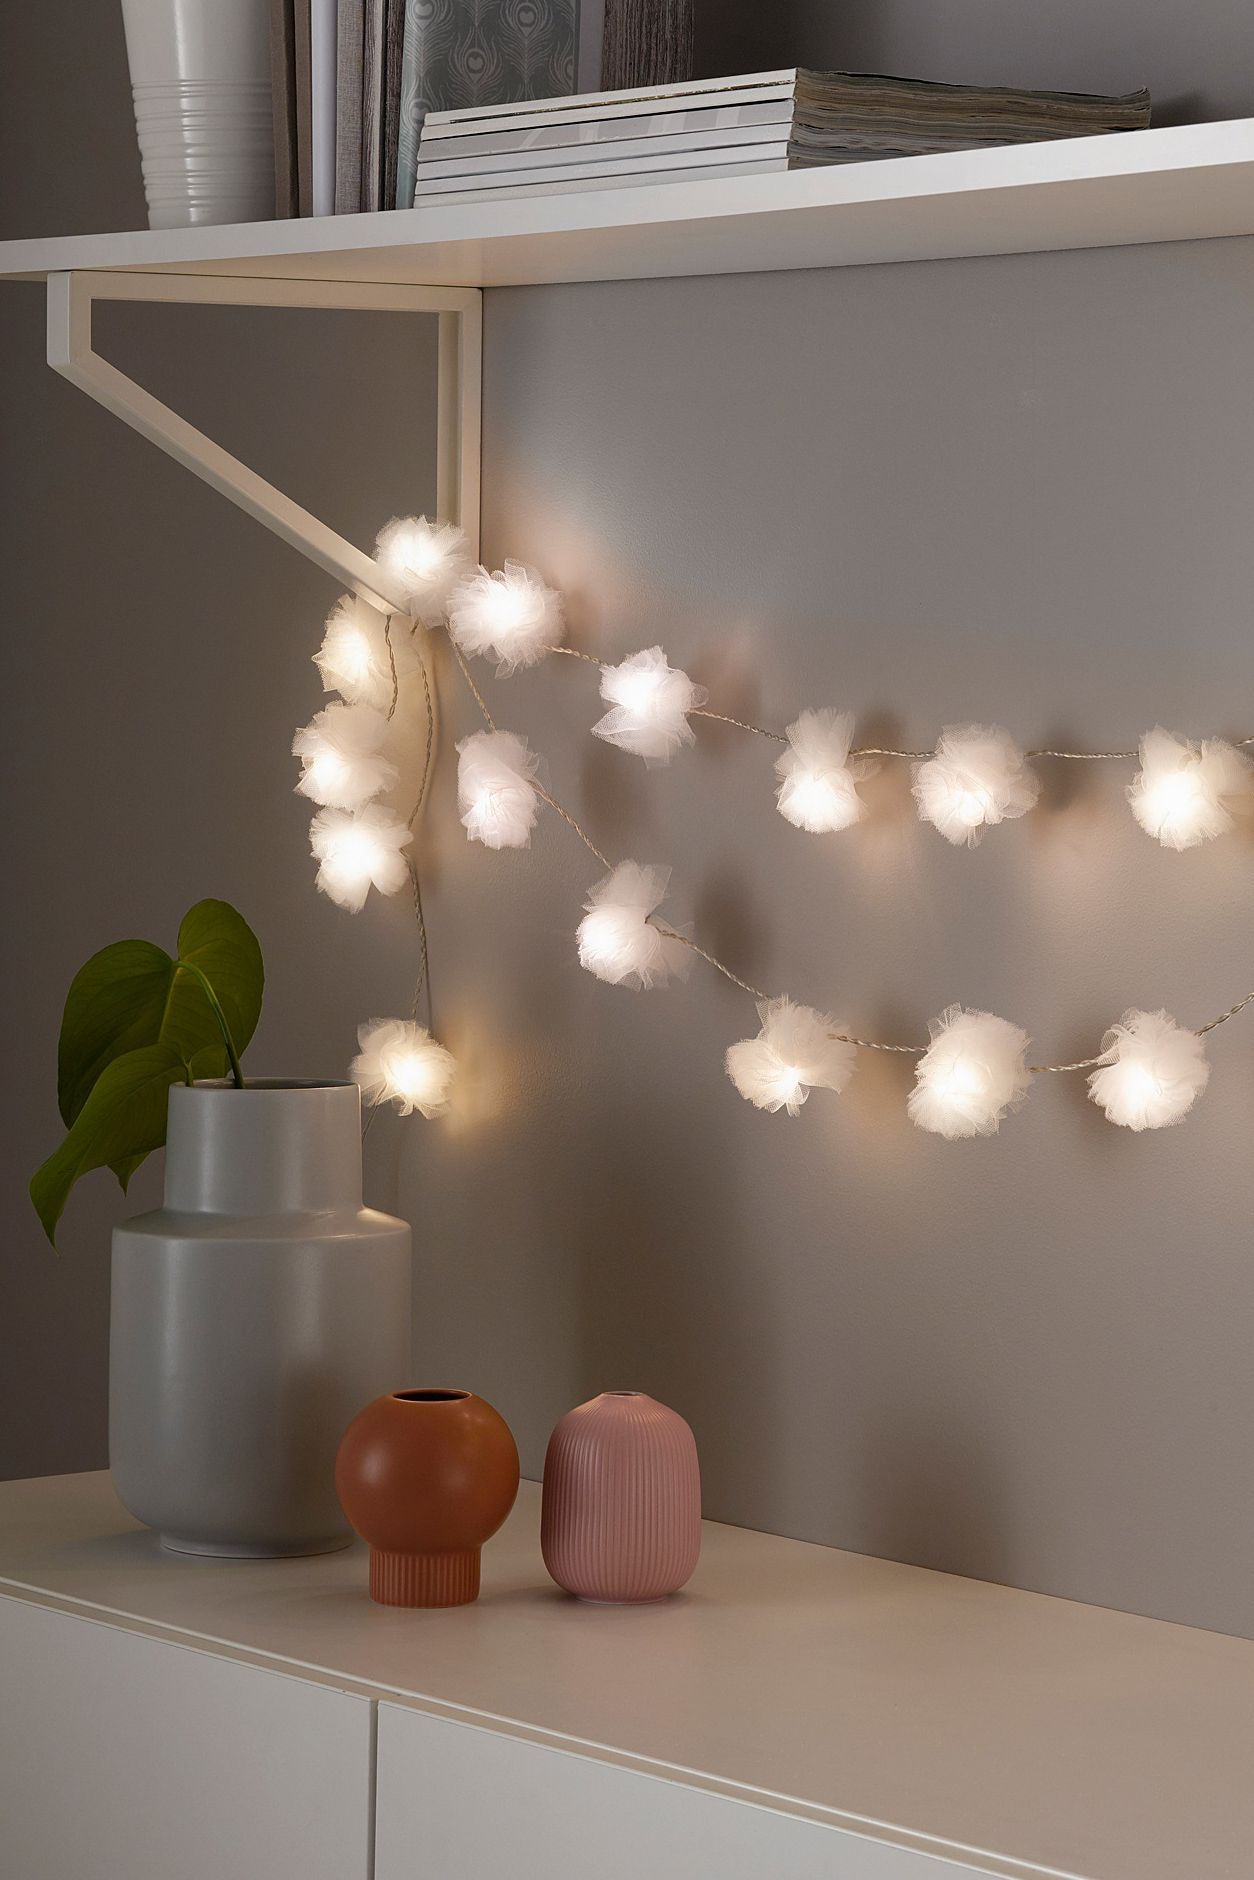 Mobel Einrichtungsideen Fur Dein Zuhause Lichterkette Kinderzimmer Lichterkette Ikea